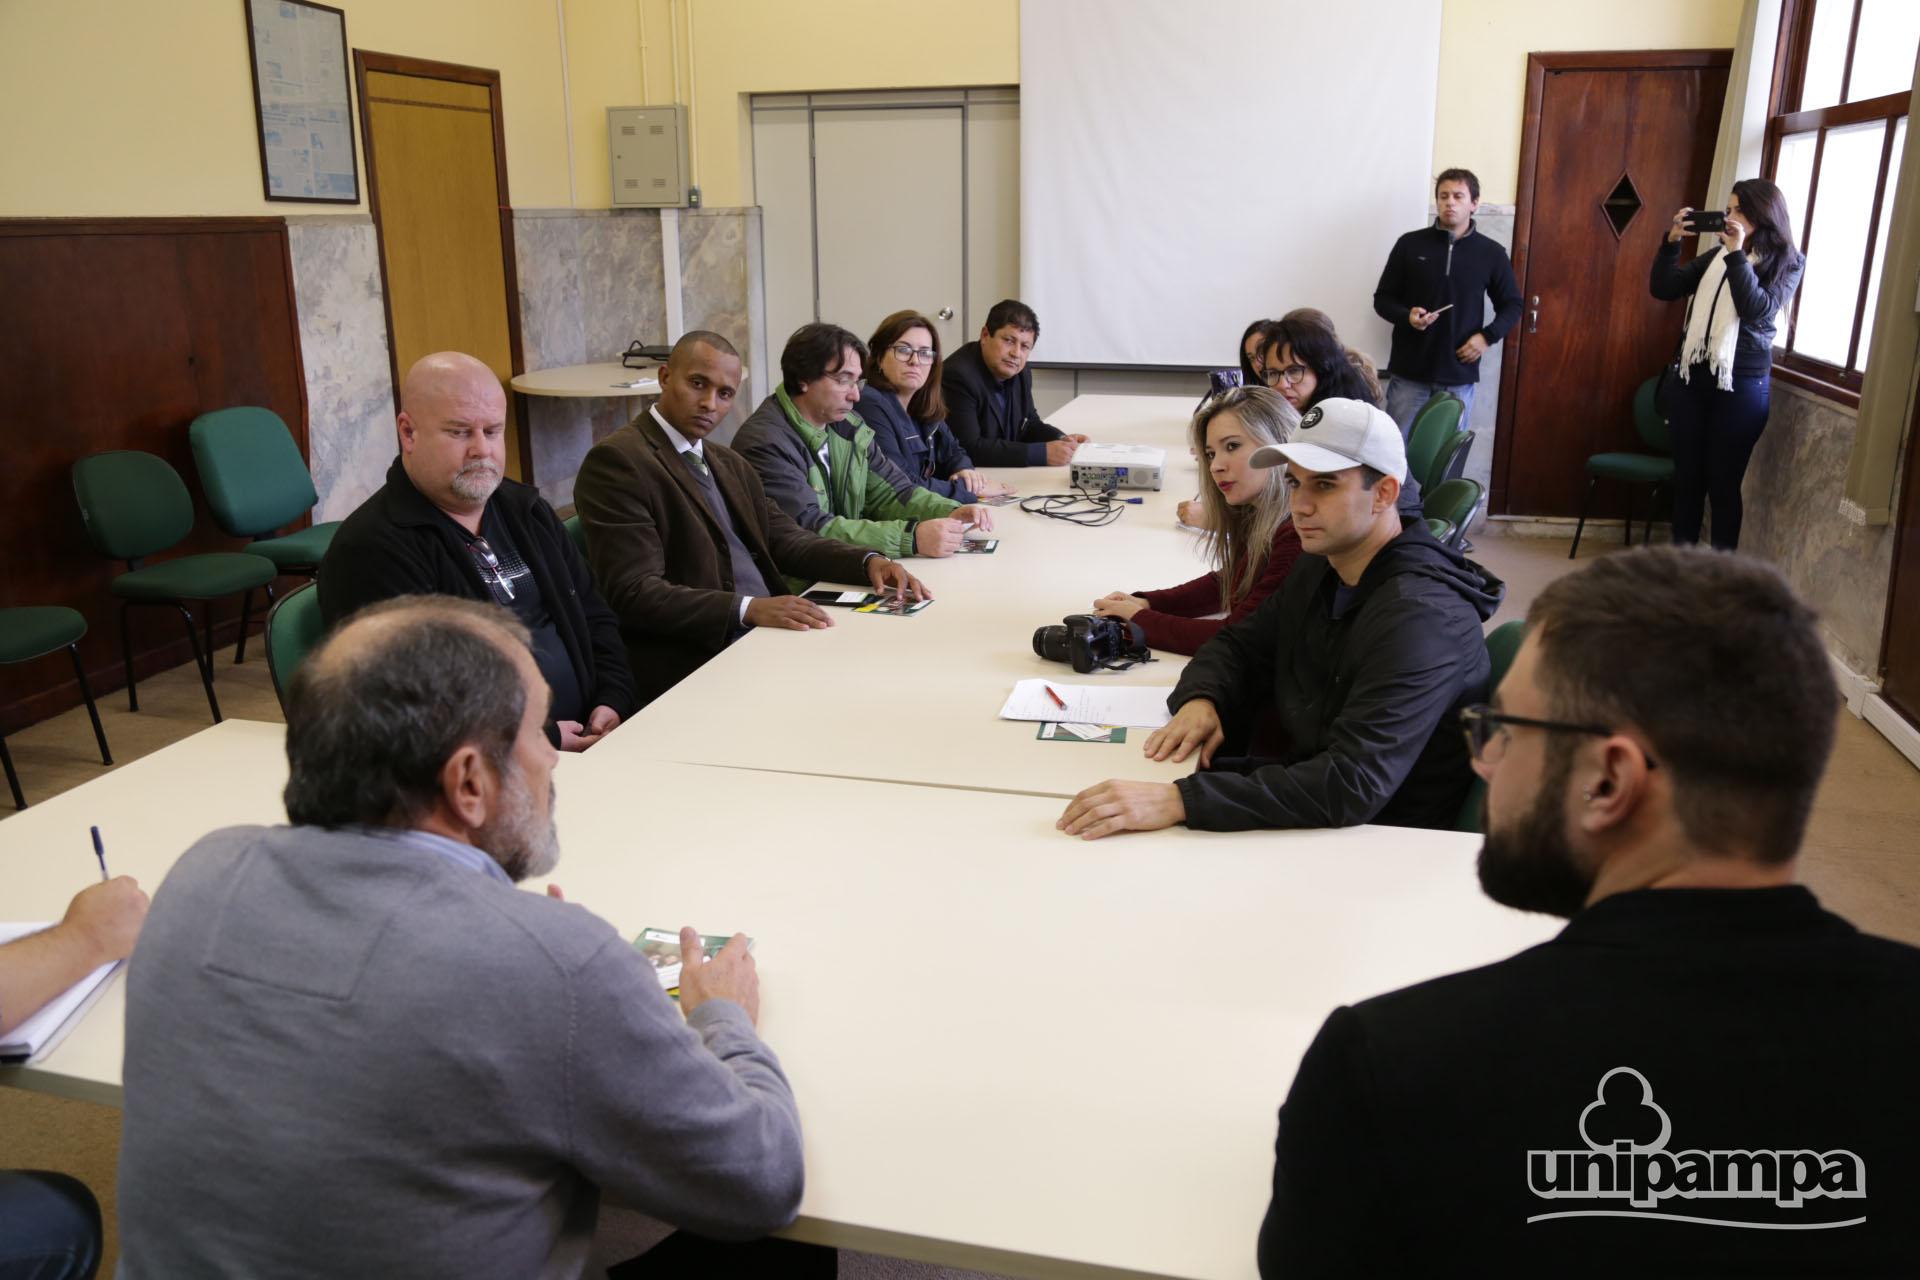 Grupo de pessoas em volta da mesa